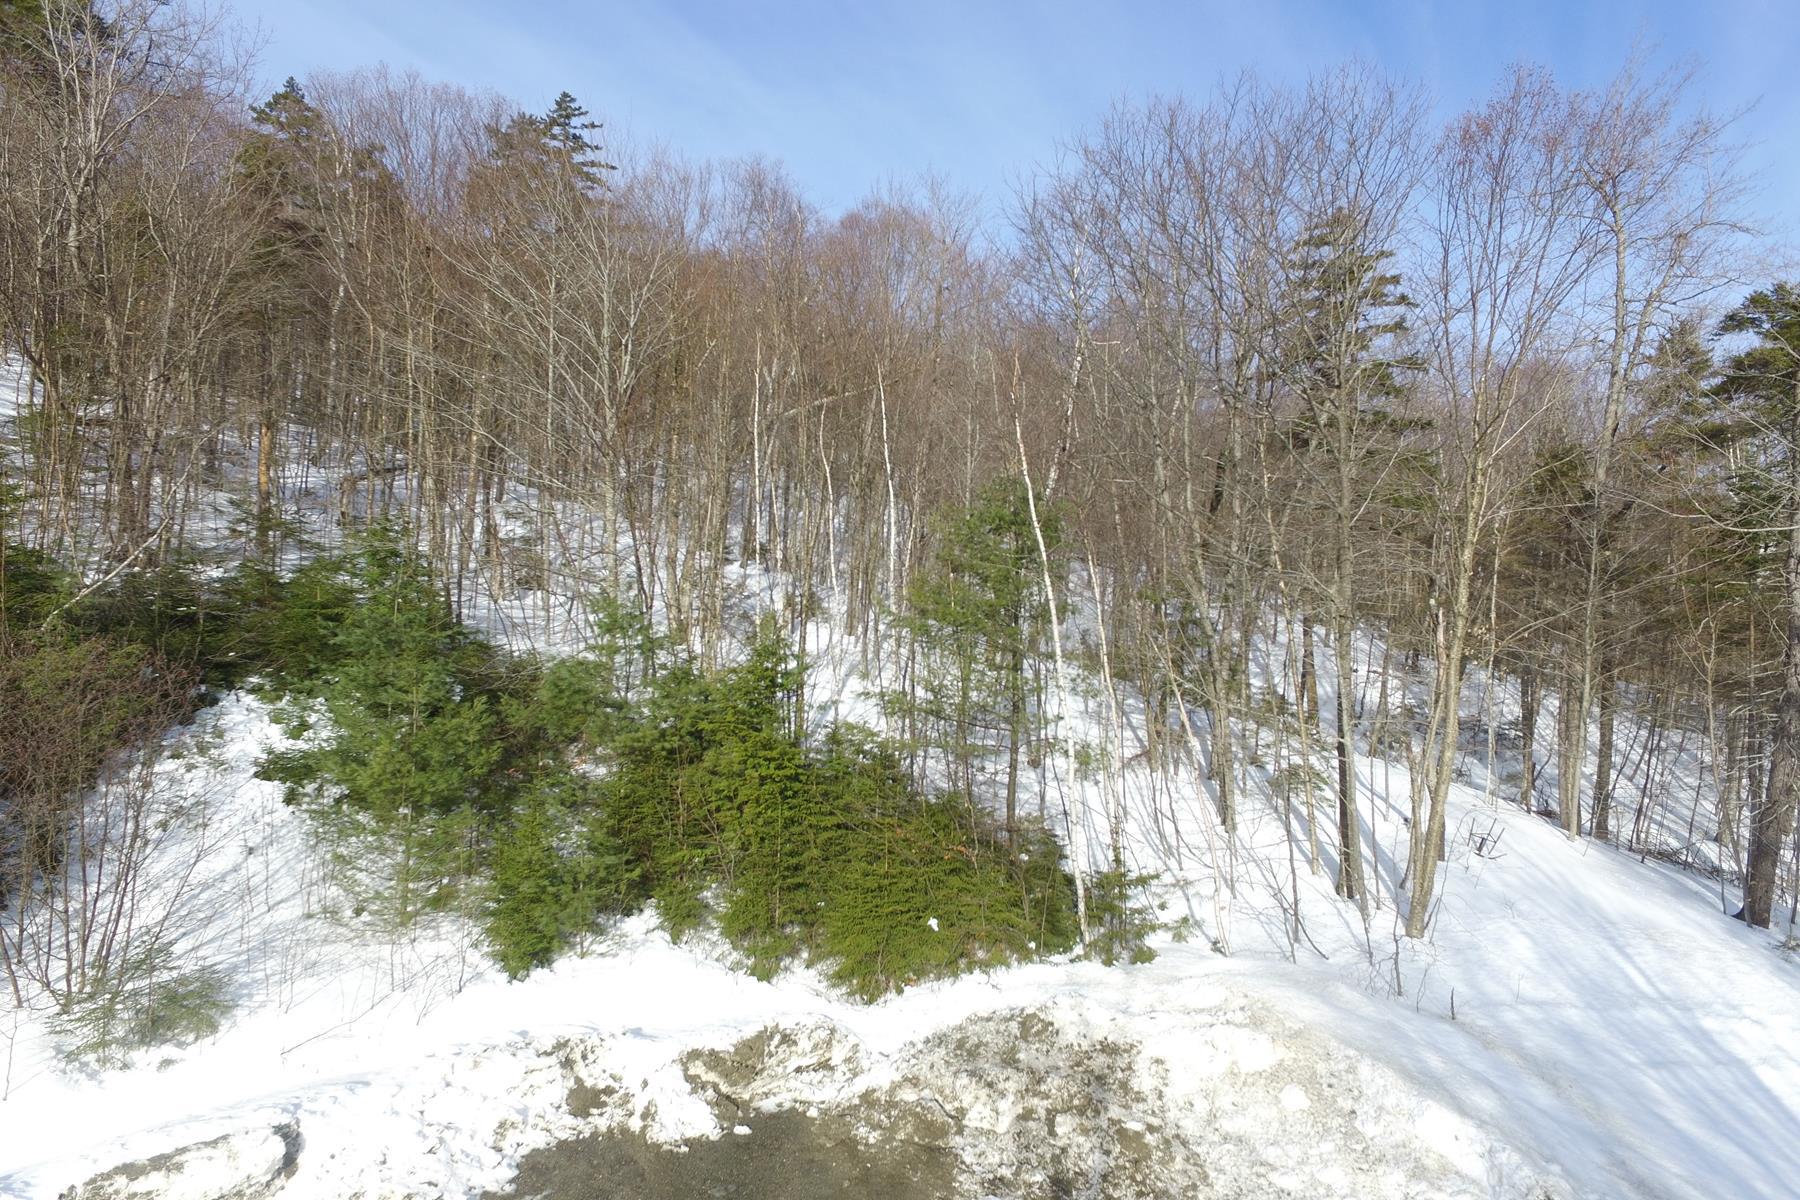 Terreno por un Venta en 52 Skytop, Newbury Newbury, Nueva Hampshire, 03255 Estados Unidos